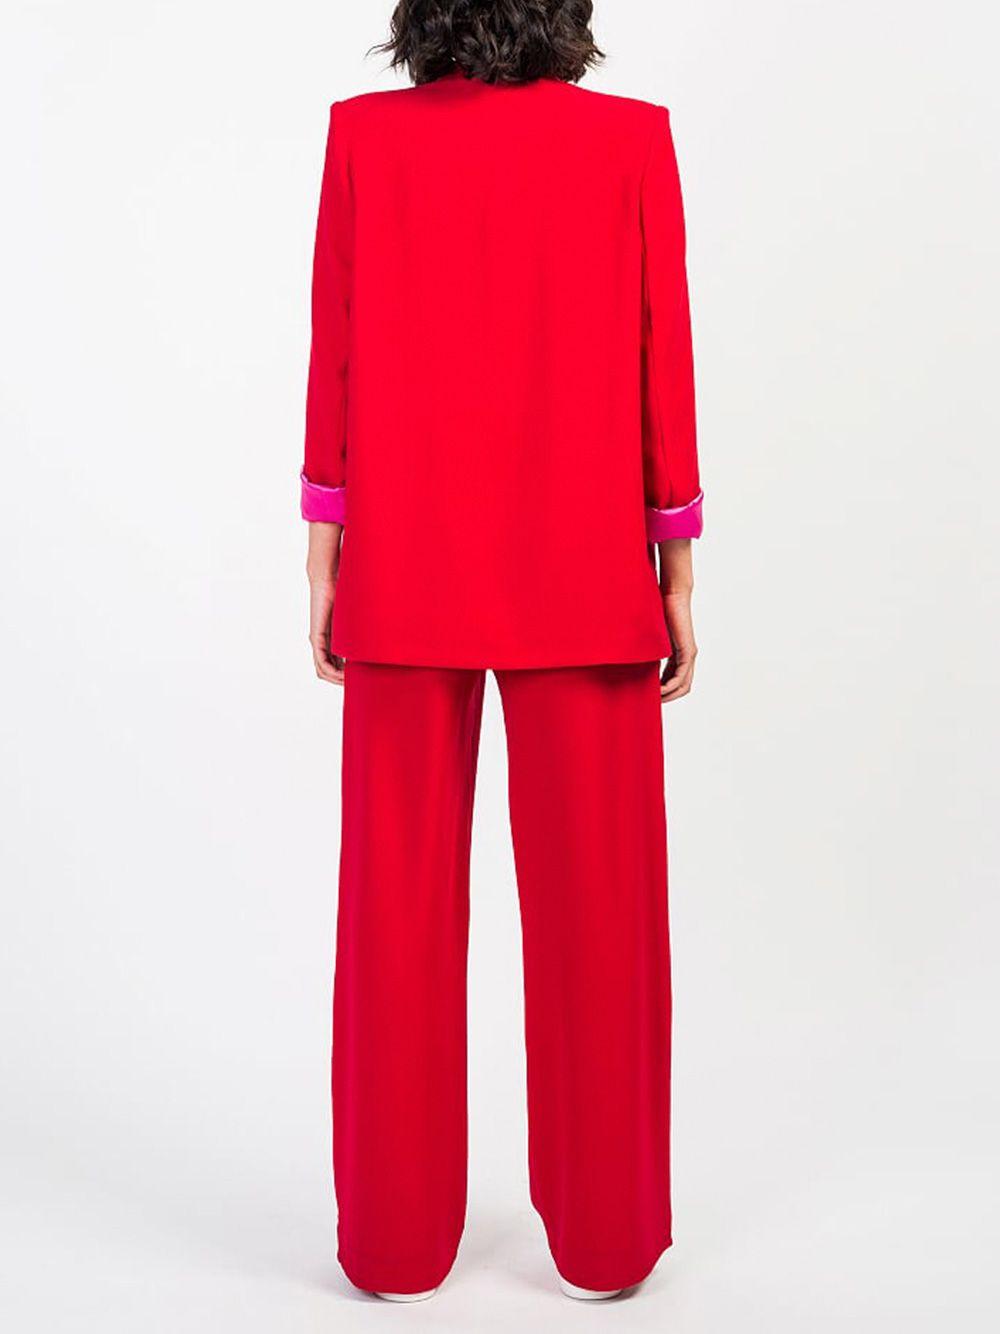 Calças Vega Vermelhas | Hyena Tailor Made